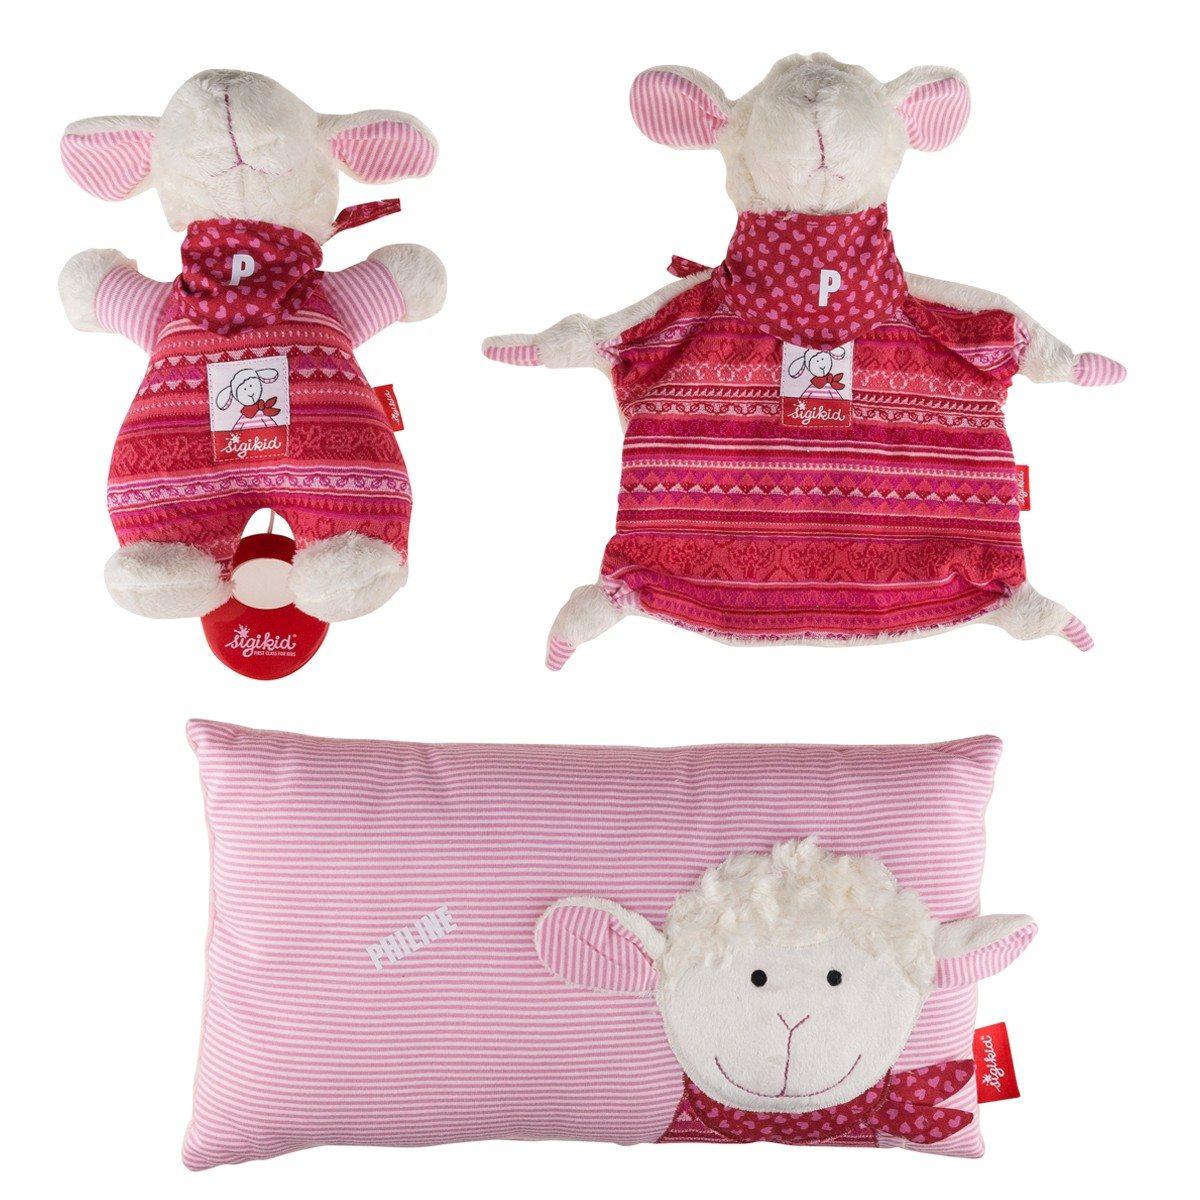 Baby-Geschenkset Schaf mit Namen